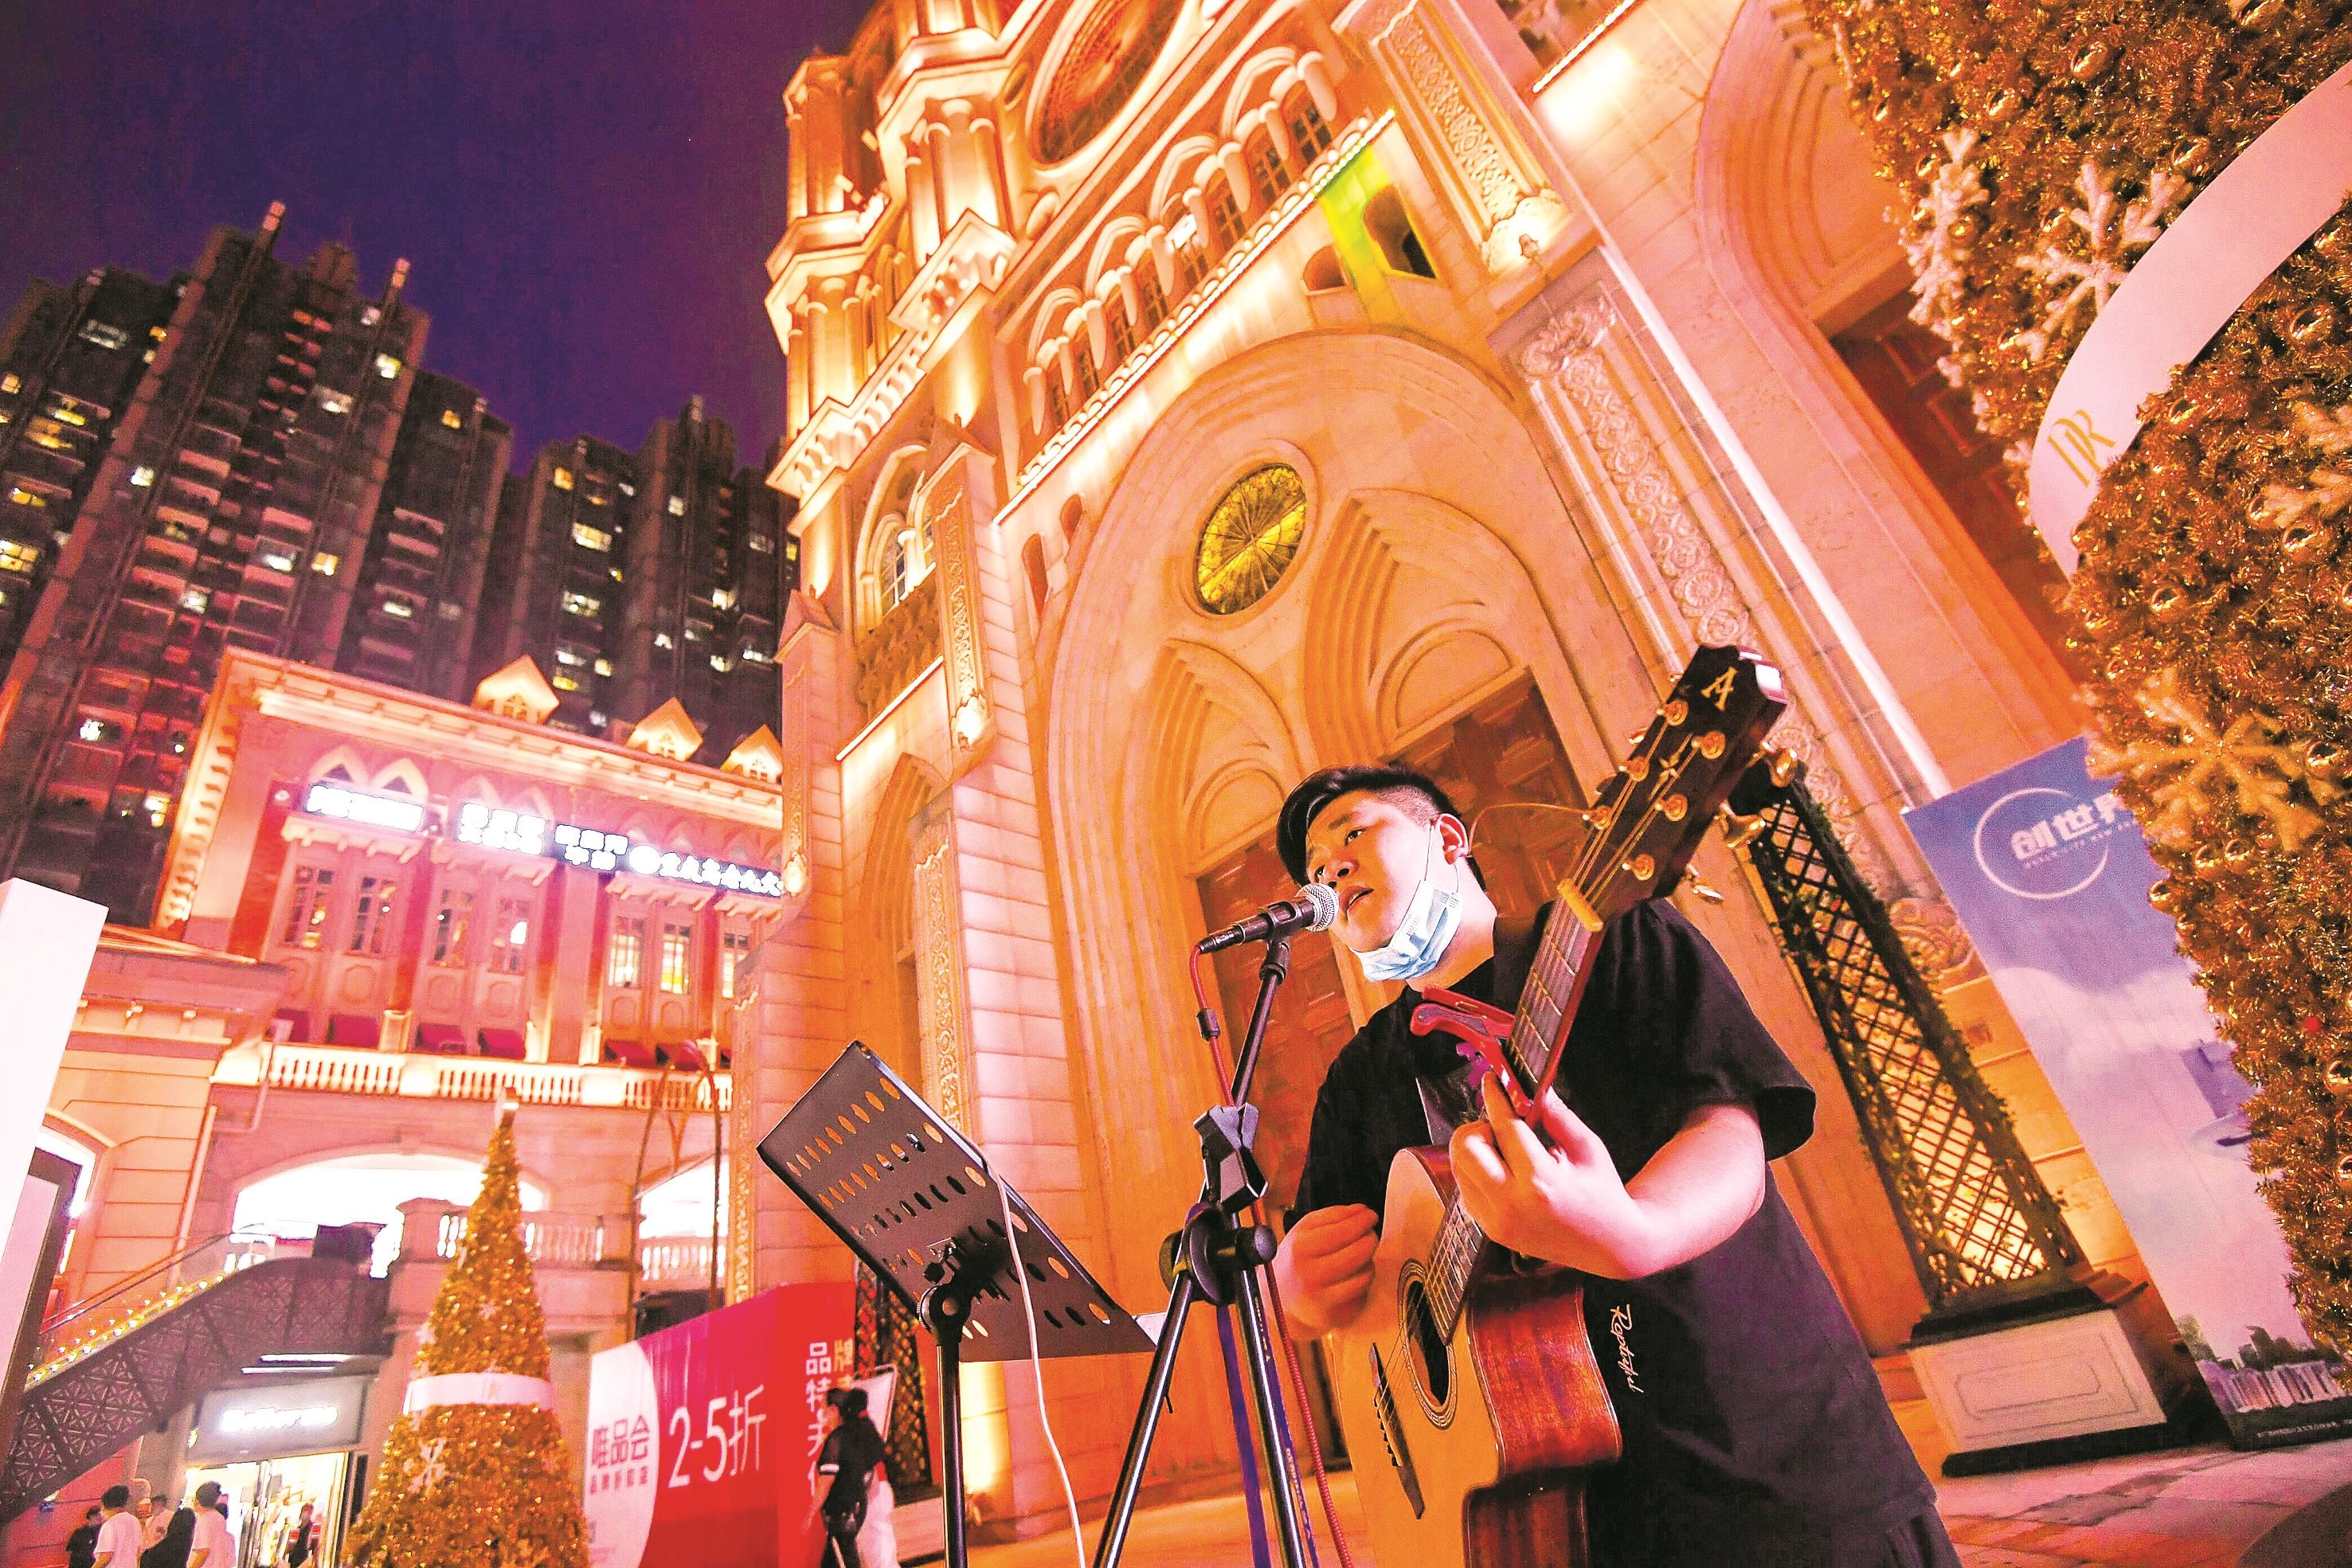 武汉知名街头歌手回来了:相信疫情总会过去 期待光谷重现繁华